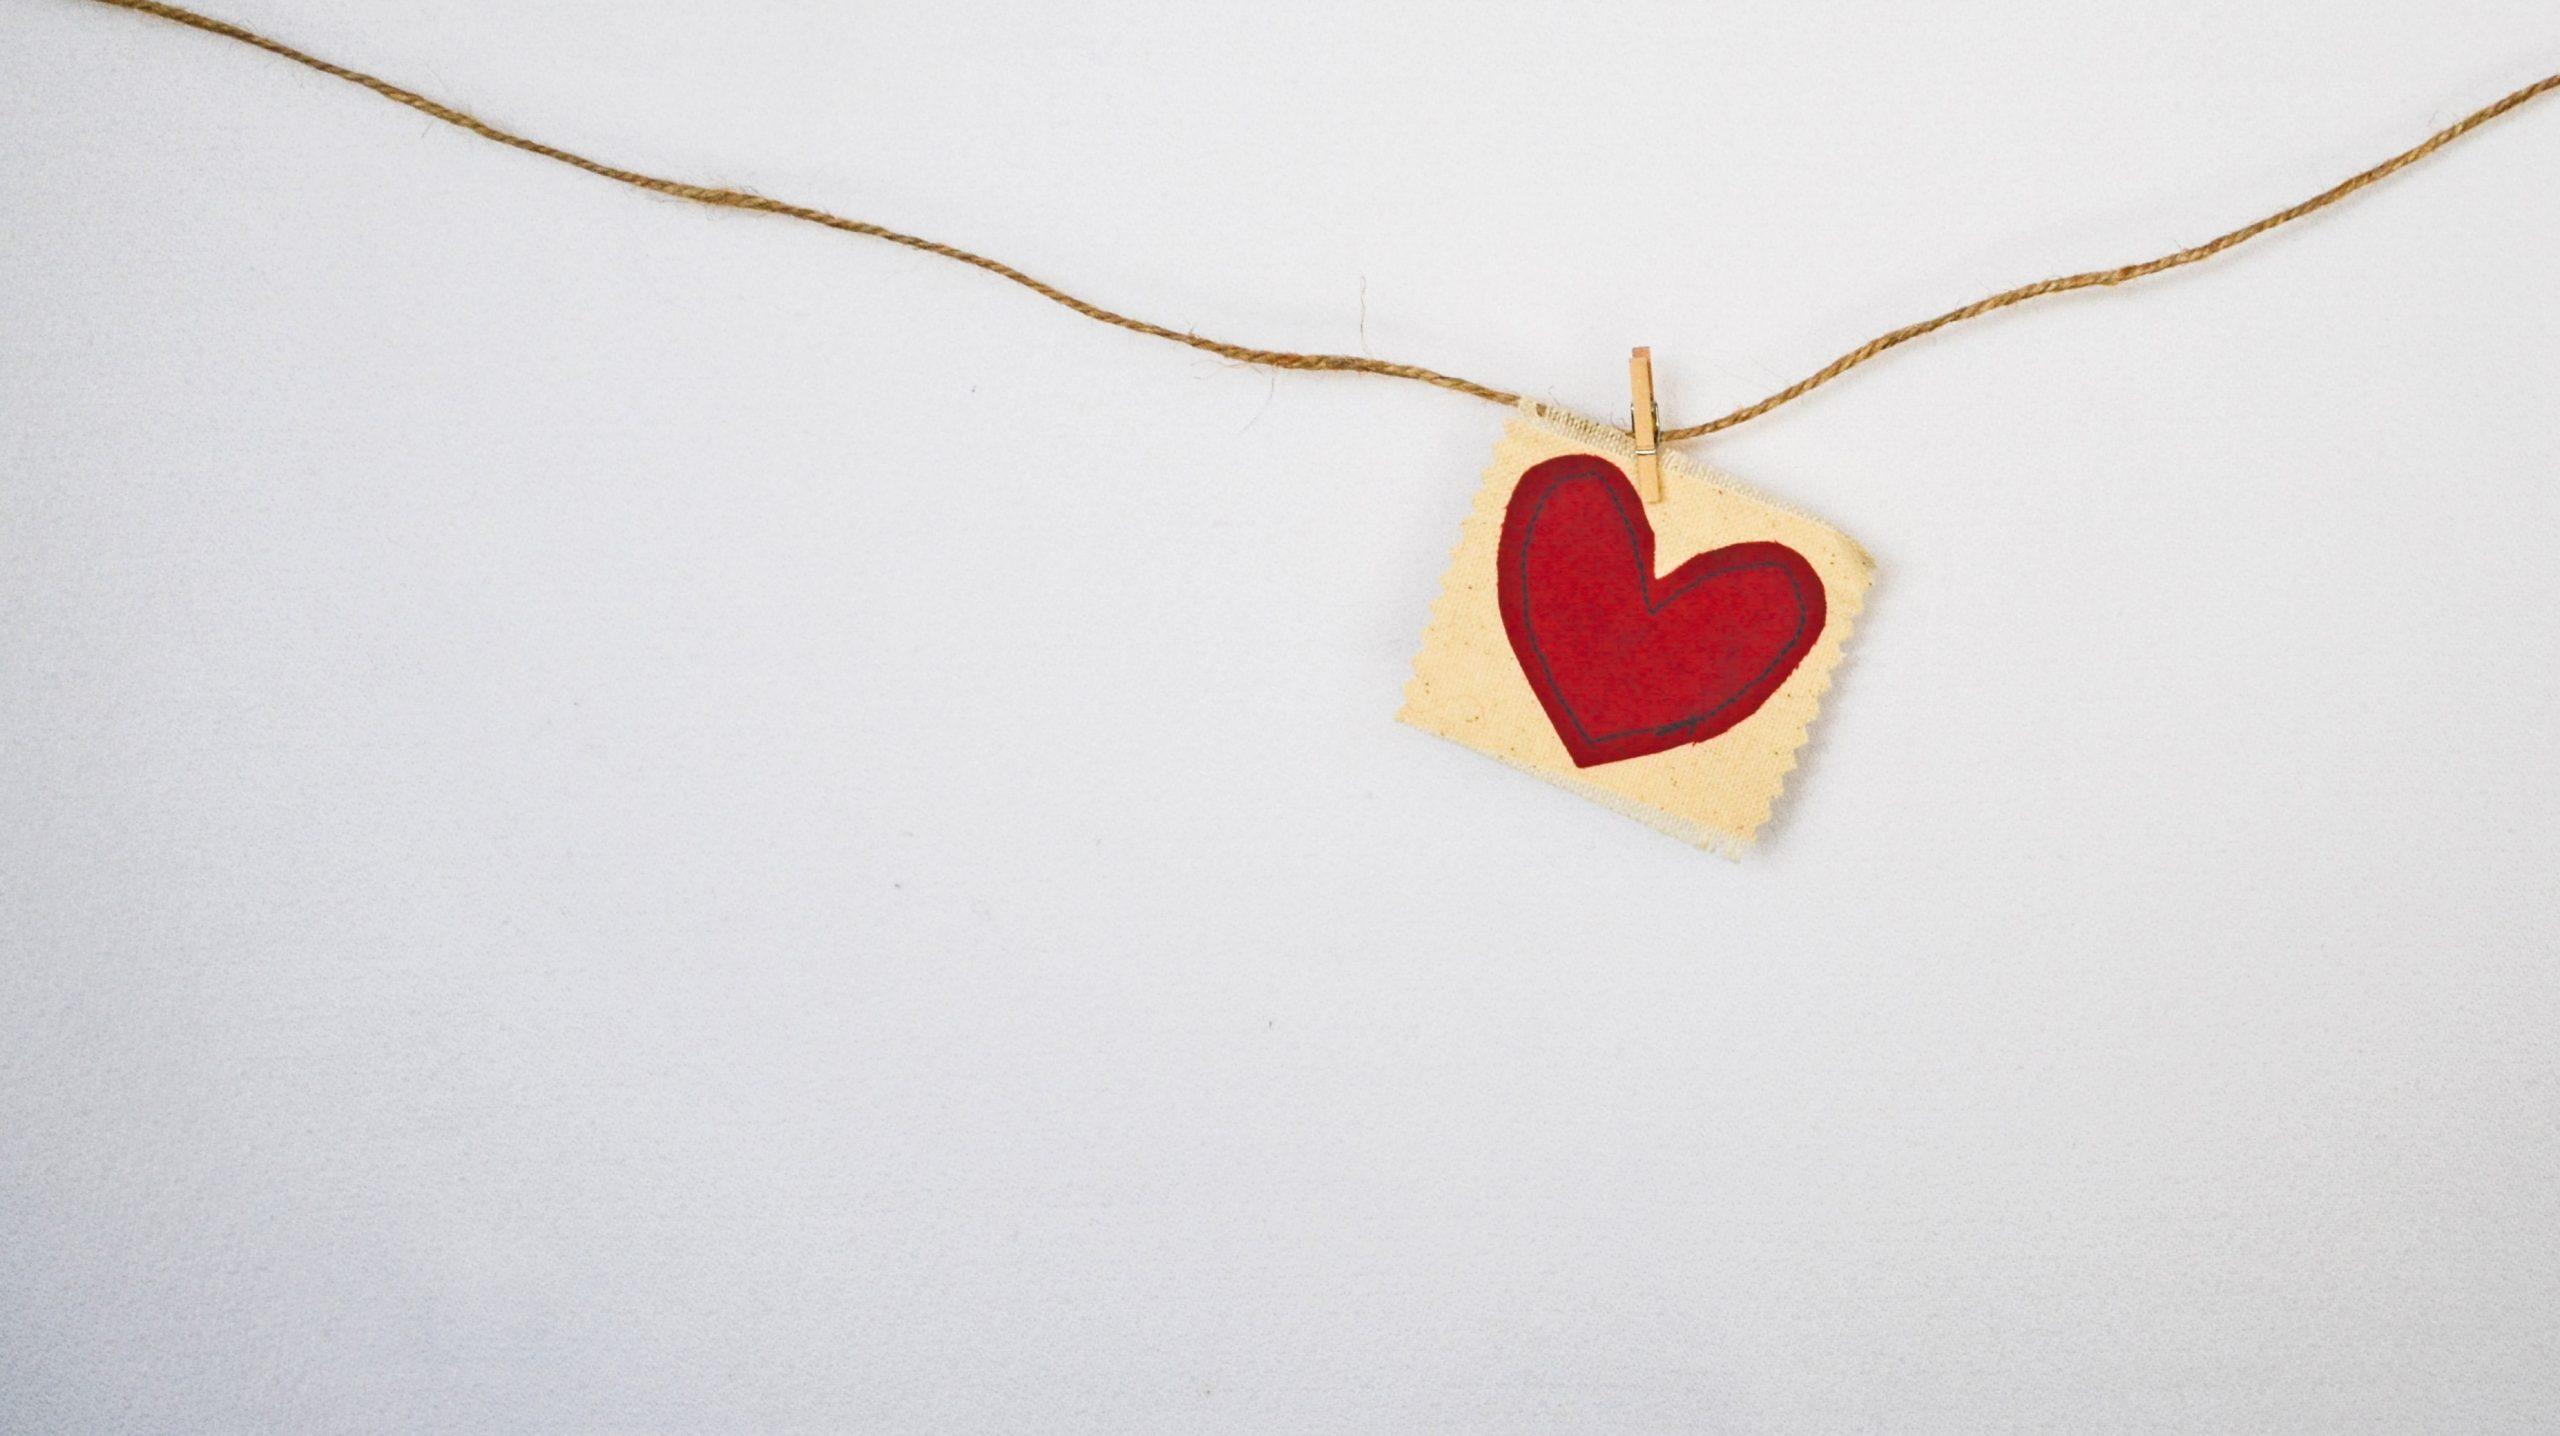 Organspende - Engagement mit Herz